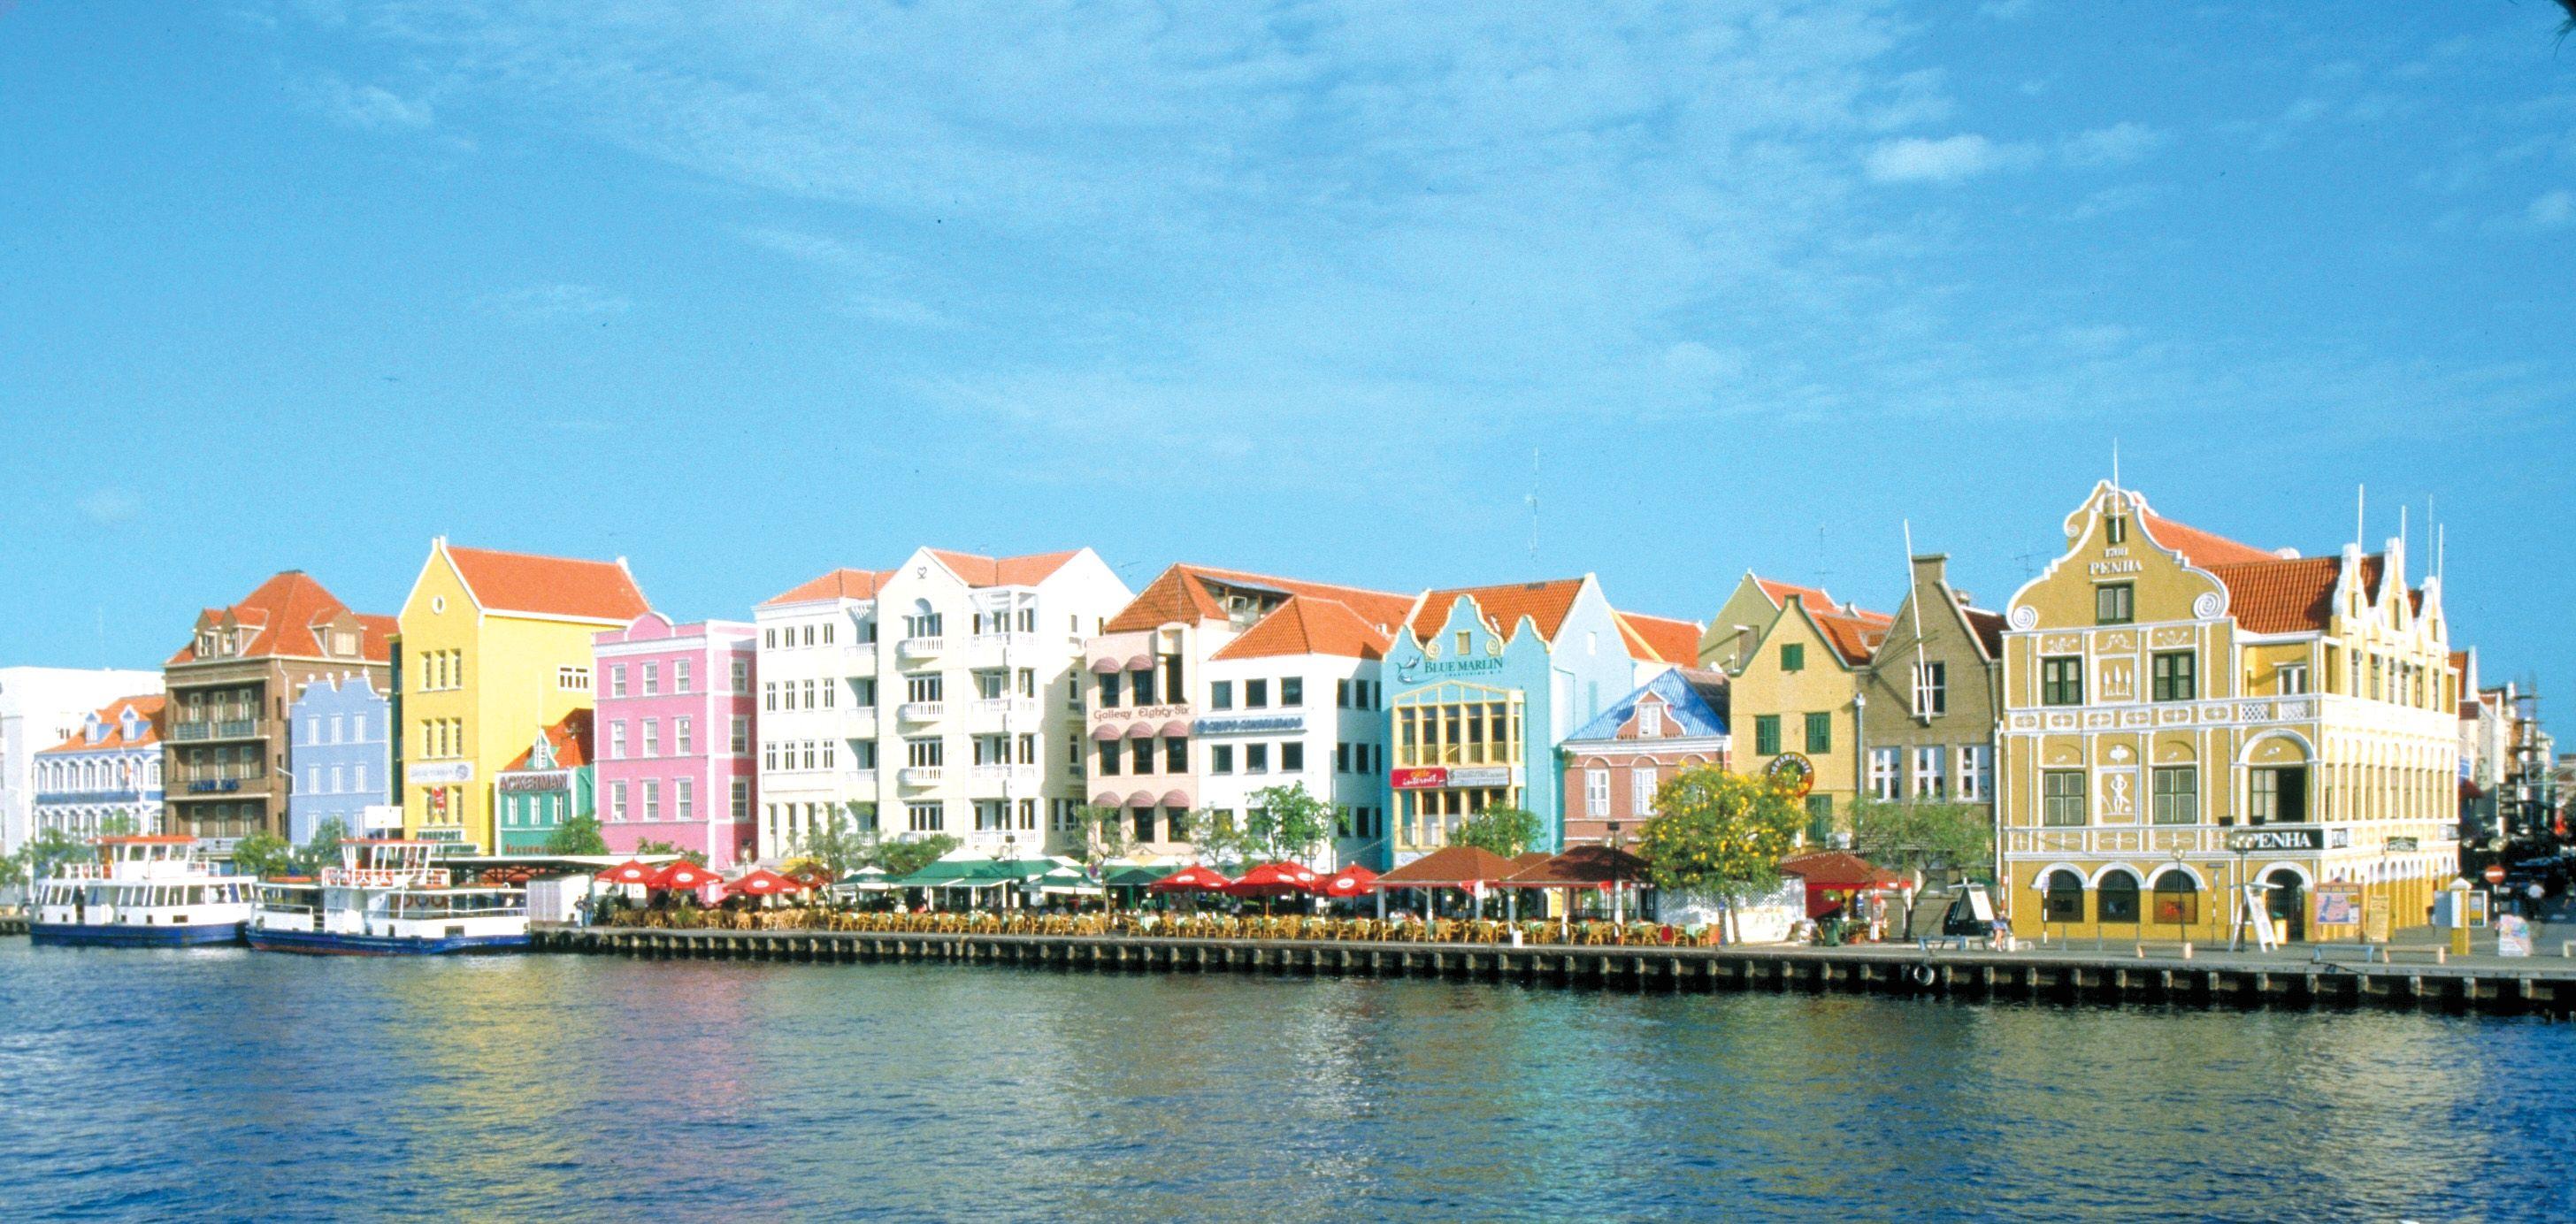 Curaçao Antillas Holandesas Antillas Holandesas Caribe Holanda